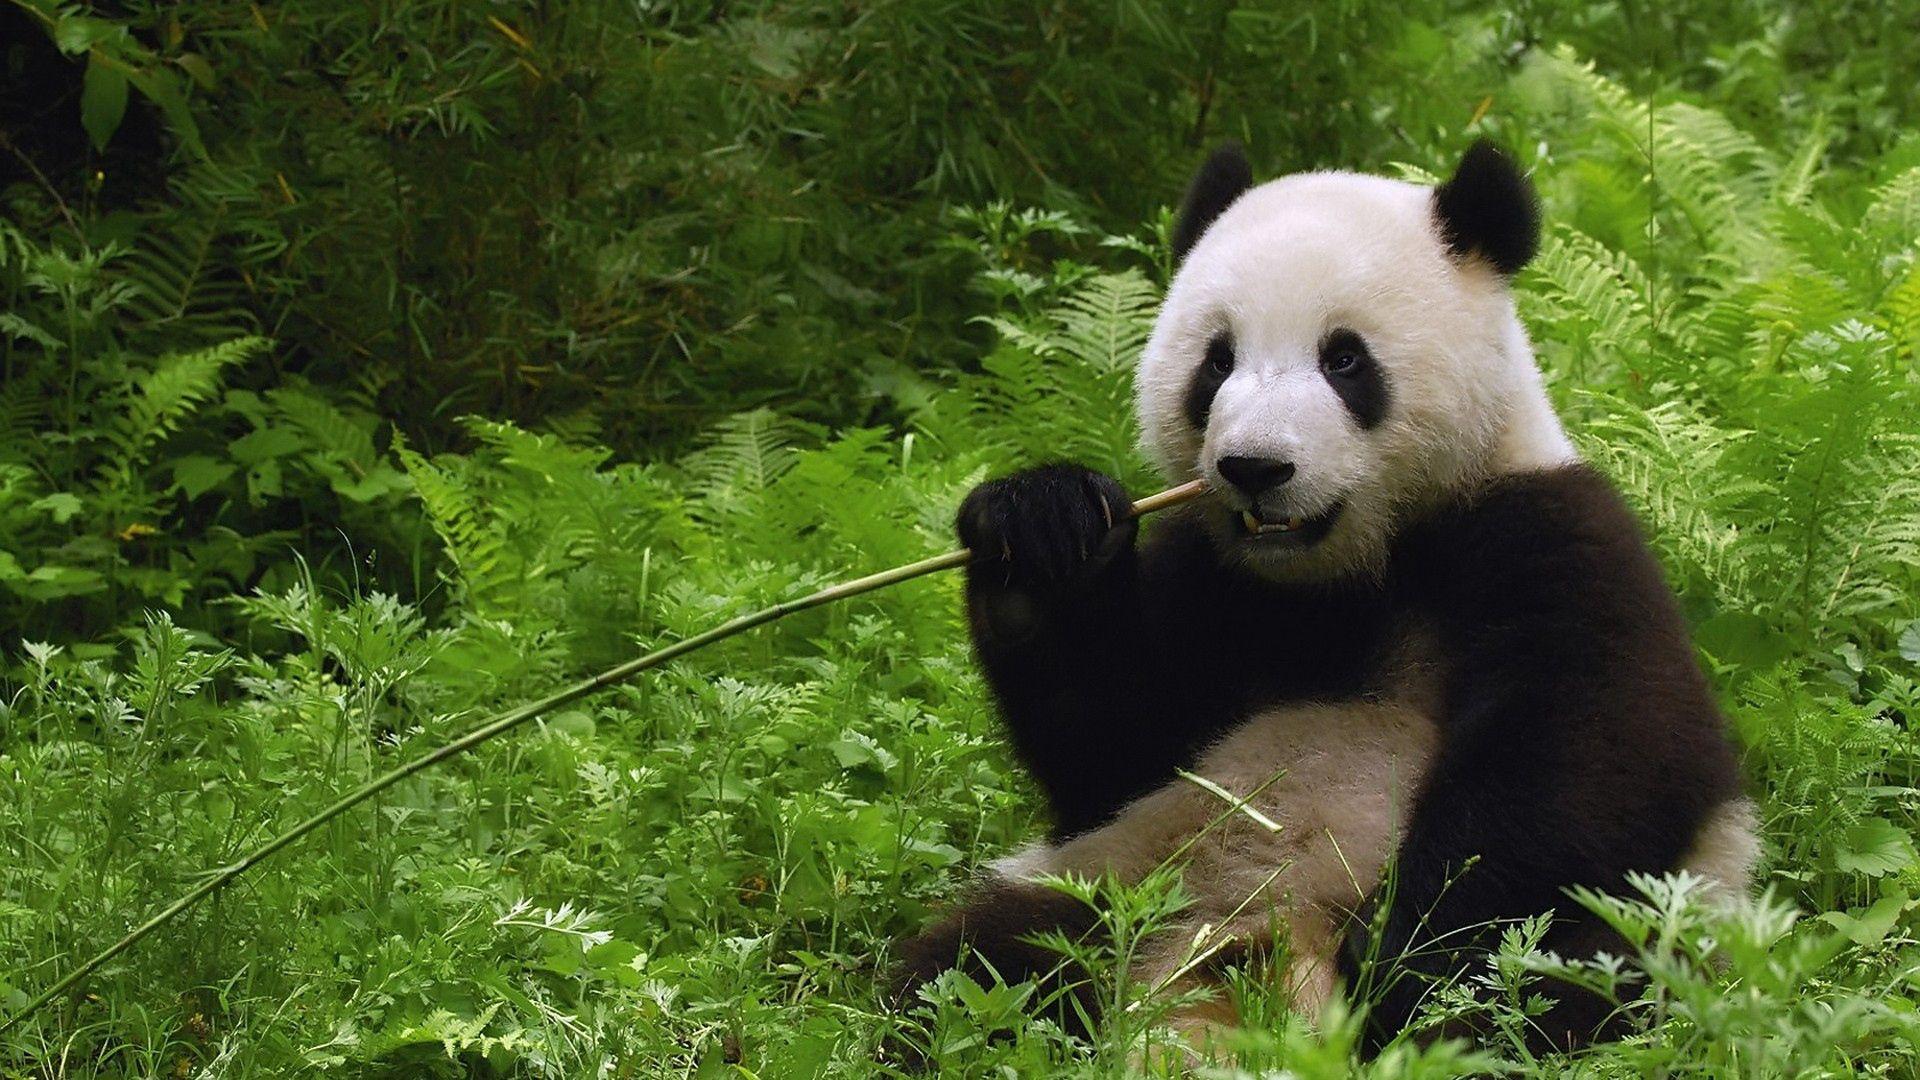 81868 Hintergrundbild herunterladen Tiere, Grass, Bummel, Spaziergang, Stock, Koala, Nagen - Bildschirmschoner und Bilder kostenlos